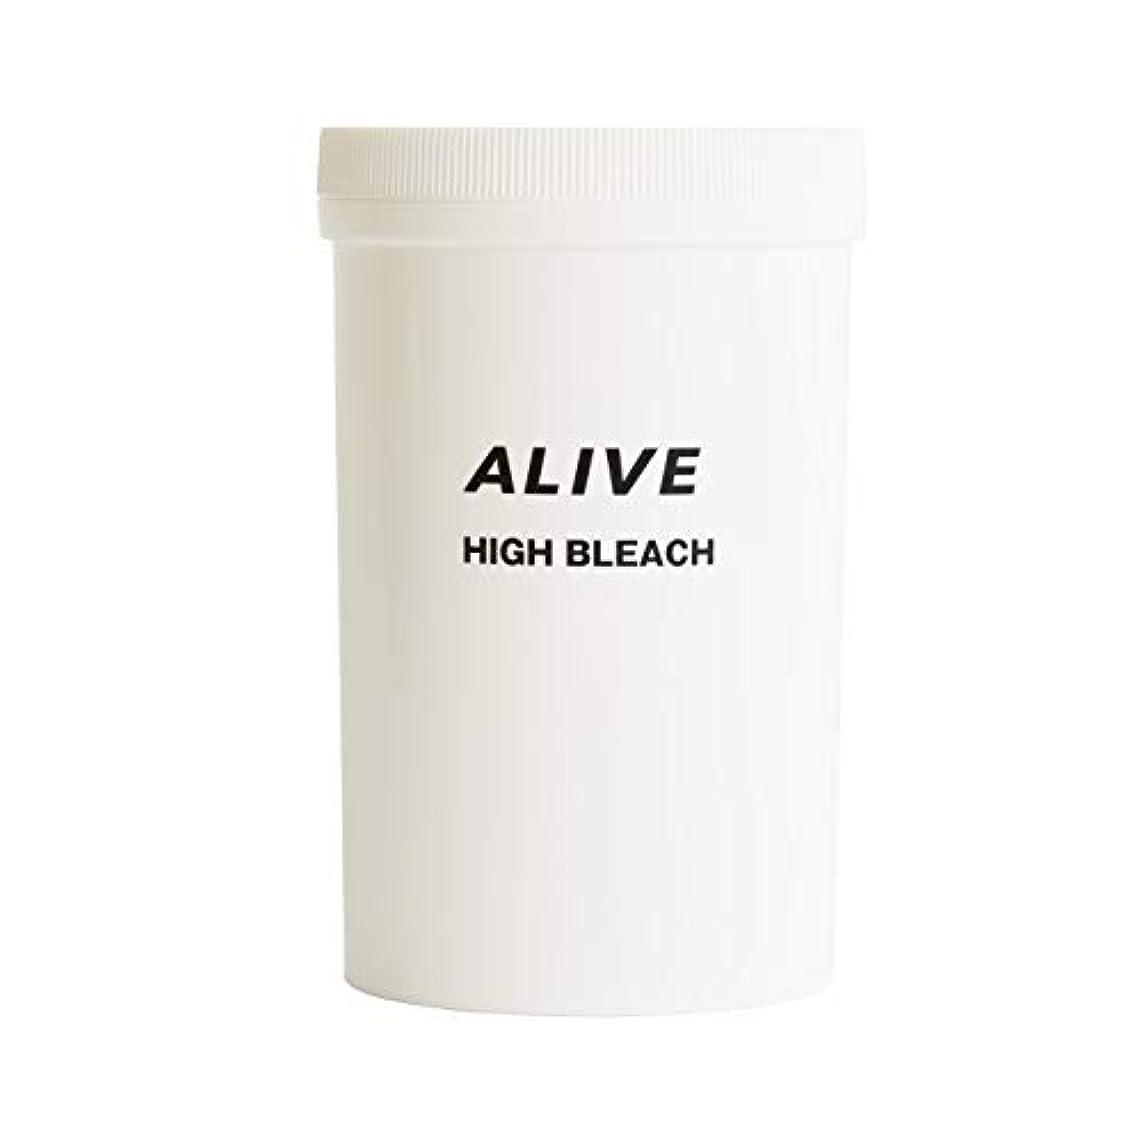 非行ずるい悪性ALIVE HIGHT BLEACH アライブ ハイブリーチ